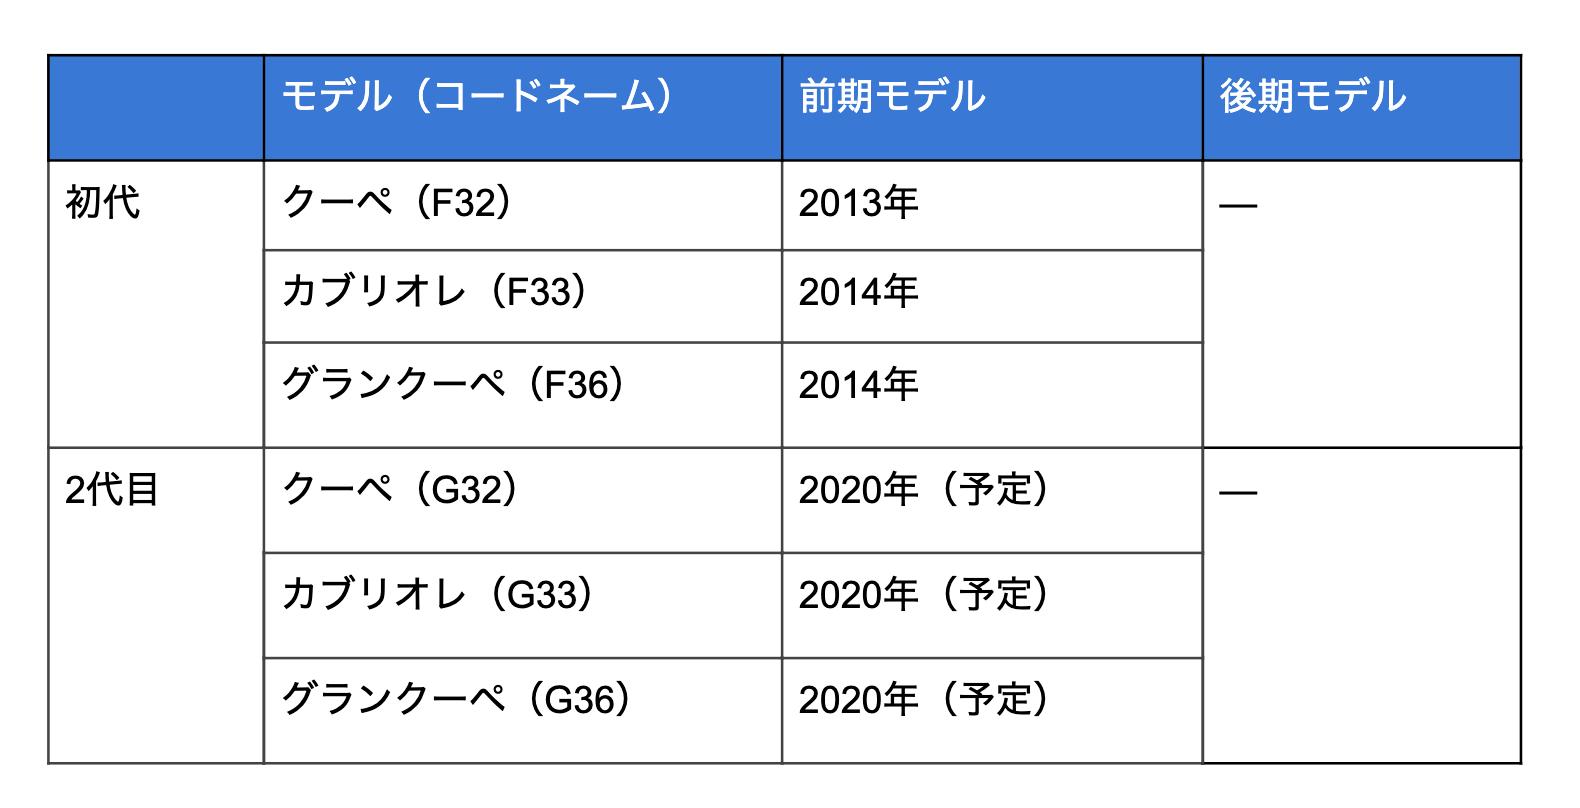 4シリーズのモデル変遷